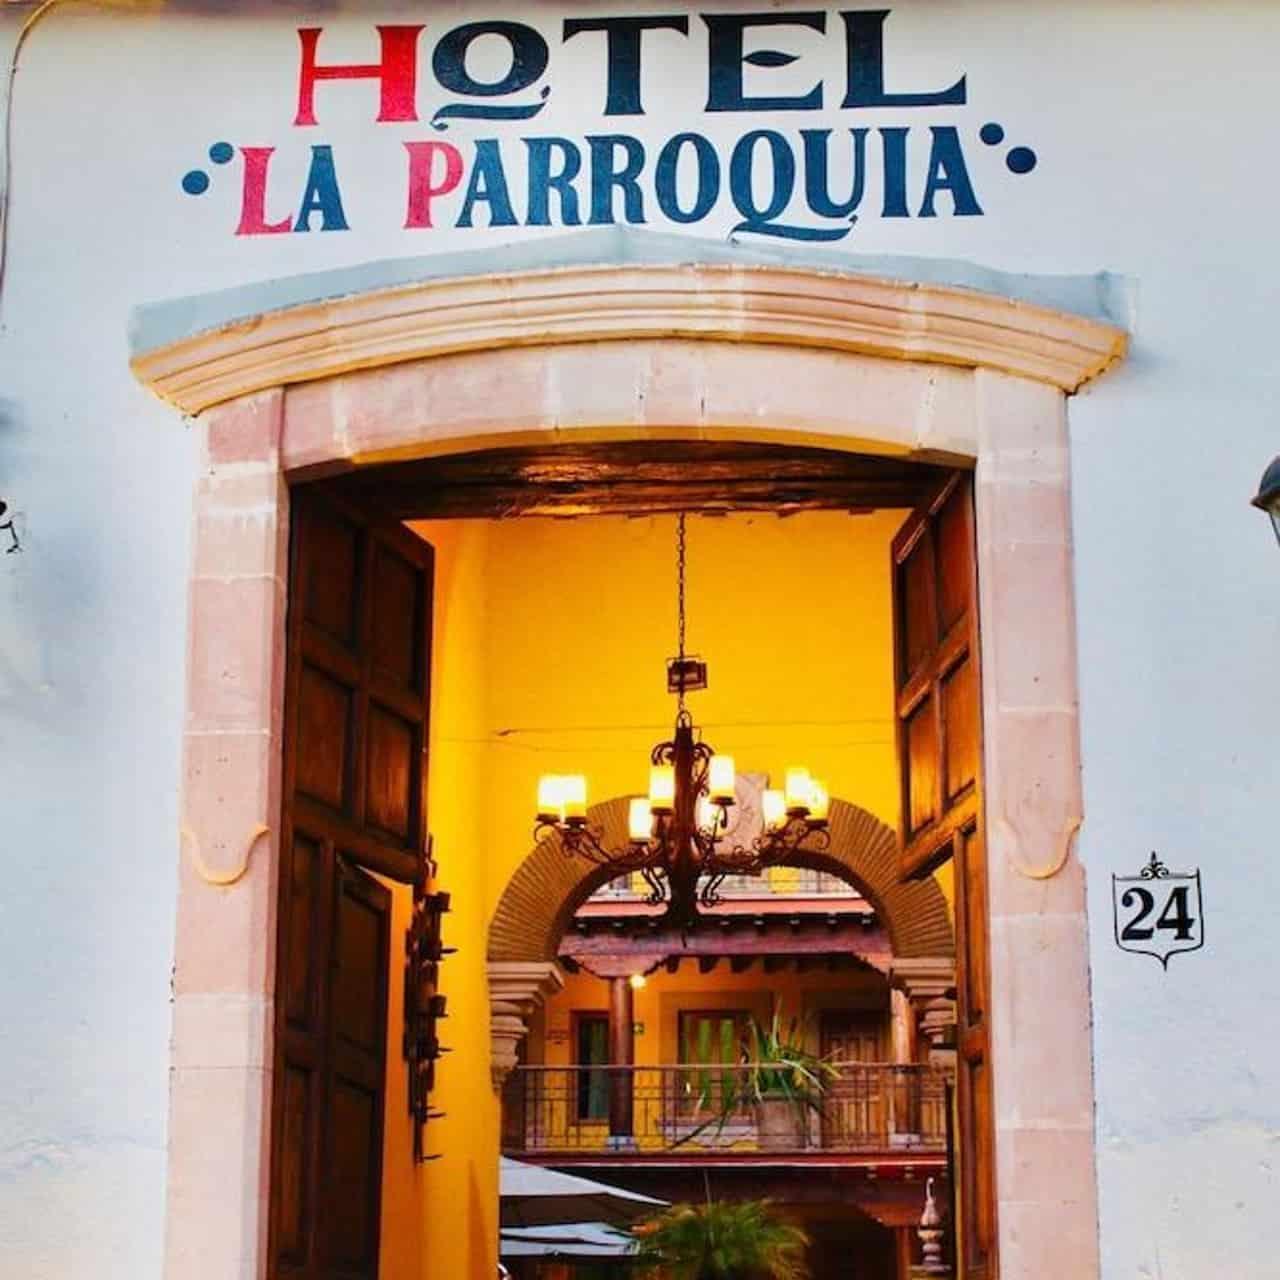 Dónde hospedarse en Pátzcuaro Veracruz. Hotel La Parroquia. Foto: HRS